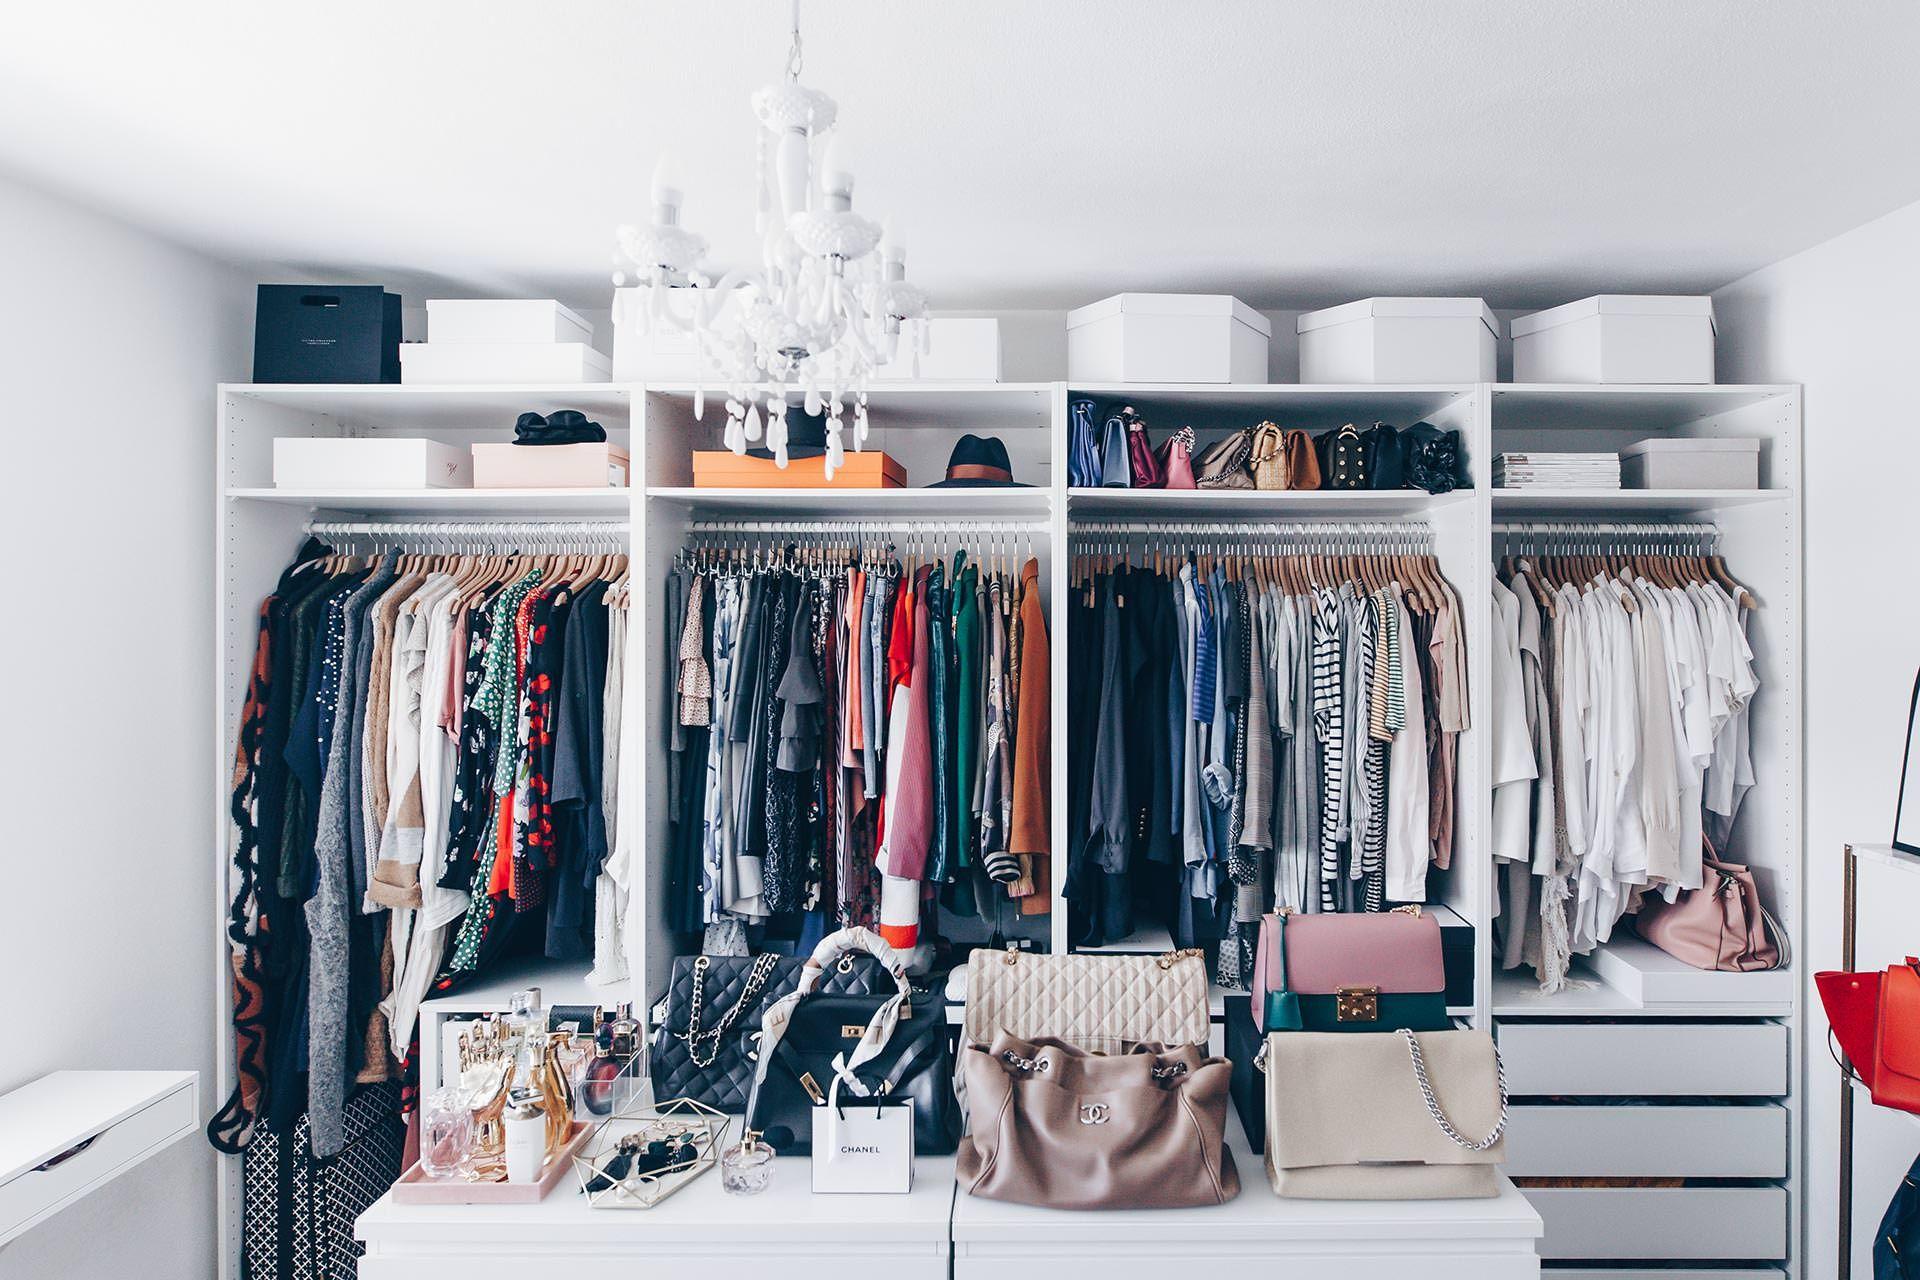 Ankleideraum Planen, Einrichten Und Gestalten, Ankleidezimmer Ideen,  Begehbarer Kleiderschrank, Ikea Pax Planen